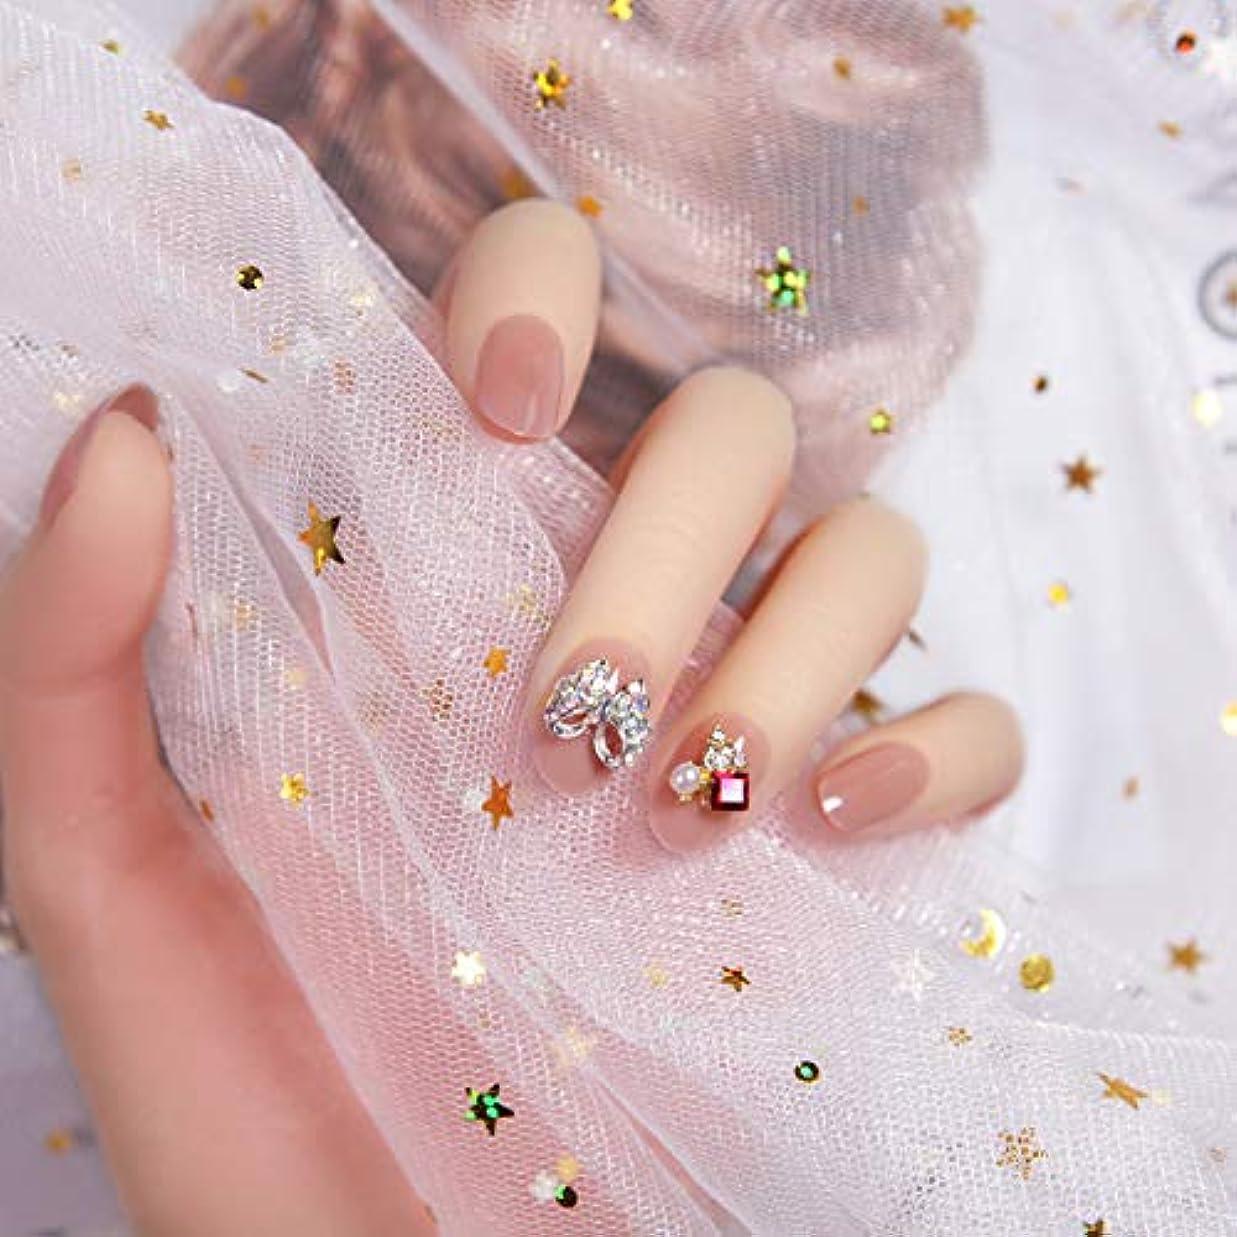 エコーリスナー選択ピンク 3D ネイルチップ 人造ダイヤモンド 24枚入 原宿 和風 夢幻 和装 手作りネイルチップ 結婚式ネイルチップ